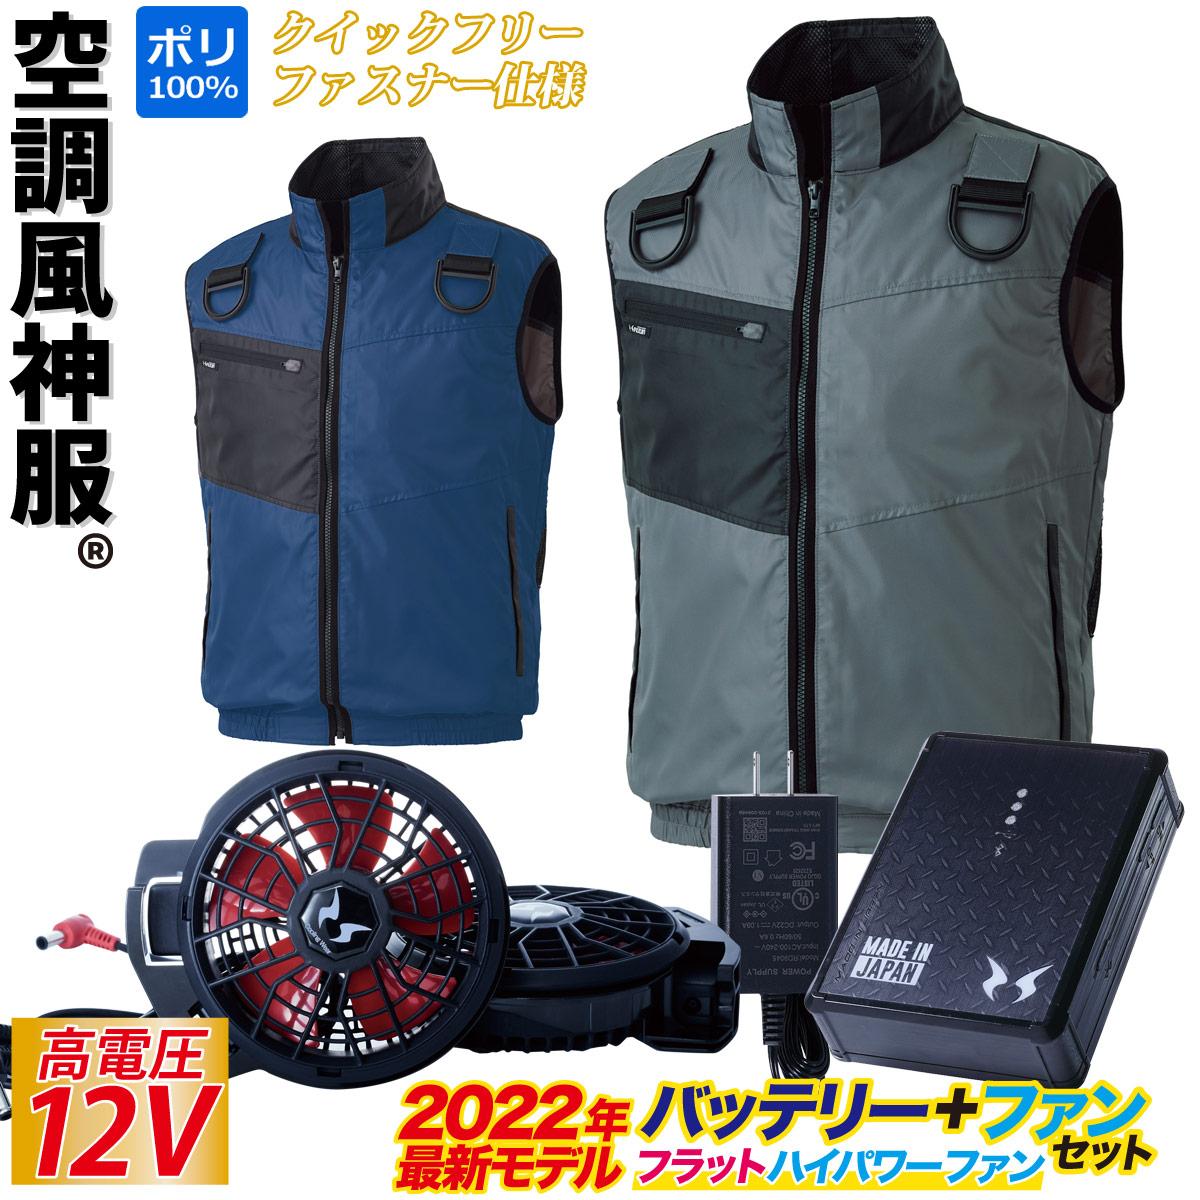 空調服 空調風神服 ベスト/12Vフラットハイパワーファンセット クイックフリーファスナー/D環/高所作業/ポリエステル100%(2020年新型日本製バッテリー+2020年新型フラットハイパワーファン)RD9090J/RD9020H/KU95990GサンエスSUNS